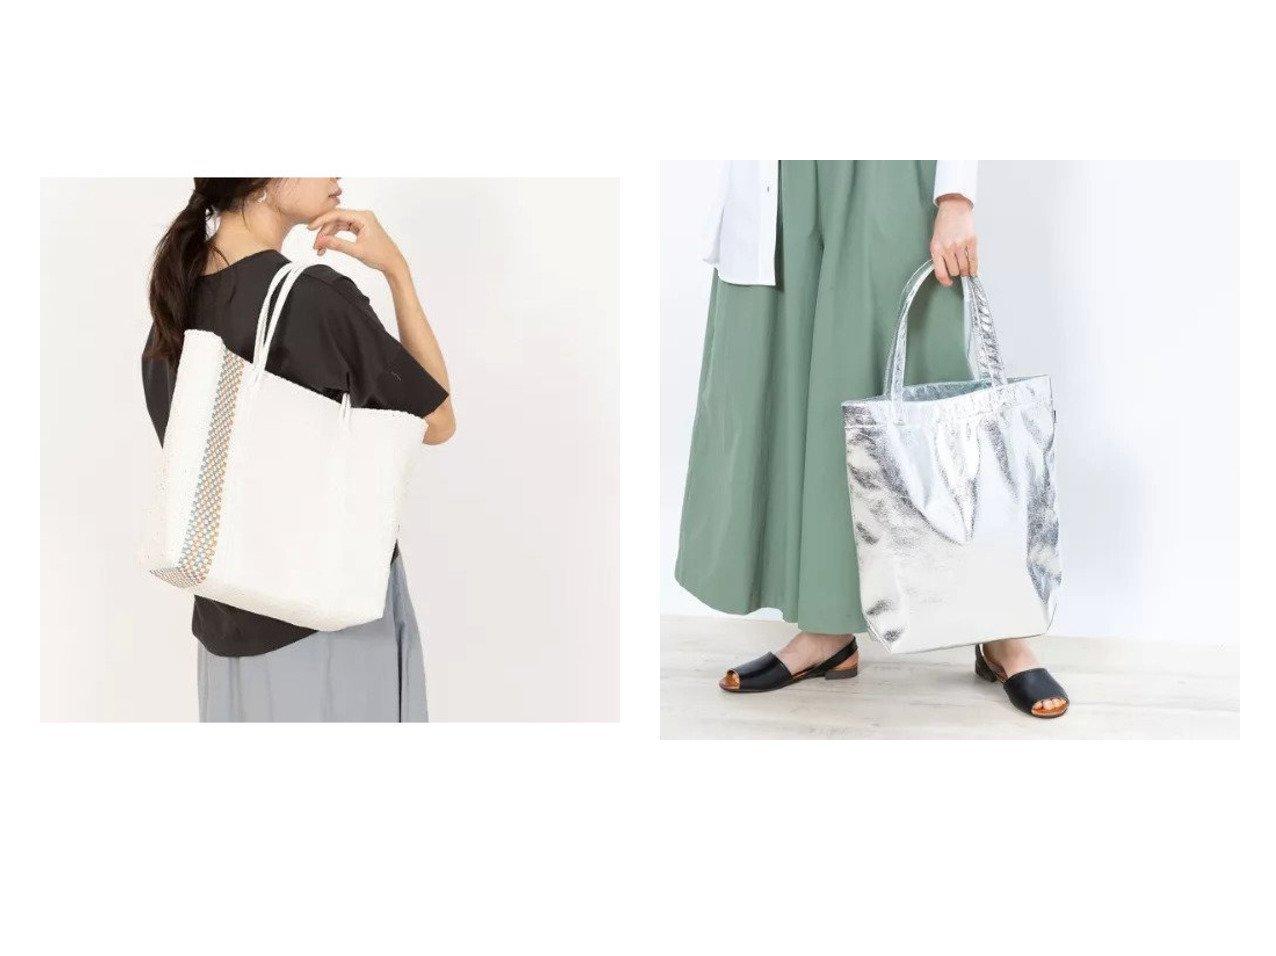 【collex/コレックス】の《定番人気》メタリックトートバッグ&【Moon Bird】メルカドバッグ ストライプ柄 【バッグ・鞄】おすすめ!人気、トレンド・レディースファッションの通販 おすすめで人気の流行・トレンド、ファッションの通販商品 インテリア・家具・メンズファッション・キッズファッション・レディースファッション・服の通販 founy(ファニー) https://founy.com/ ファッション Fashion レディースファッション WOMEN バッグ Bag ストライプ おすすめ Recommend シンプル ポケット メタリック 人気 定番 Standard  ID:crp329100000067318